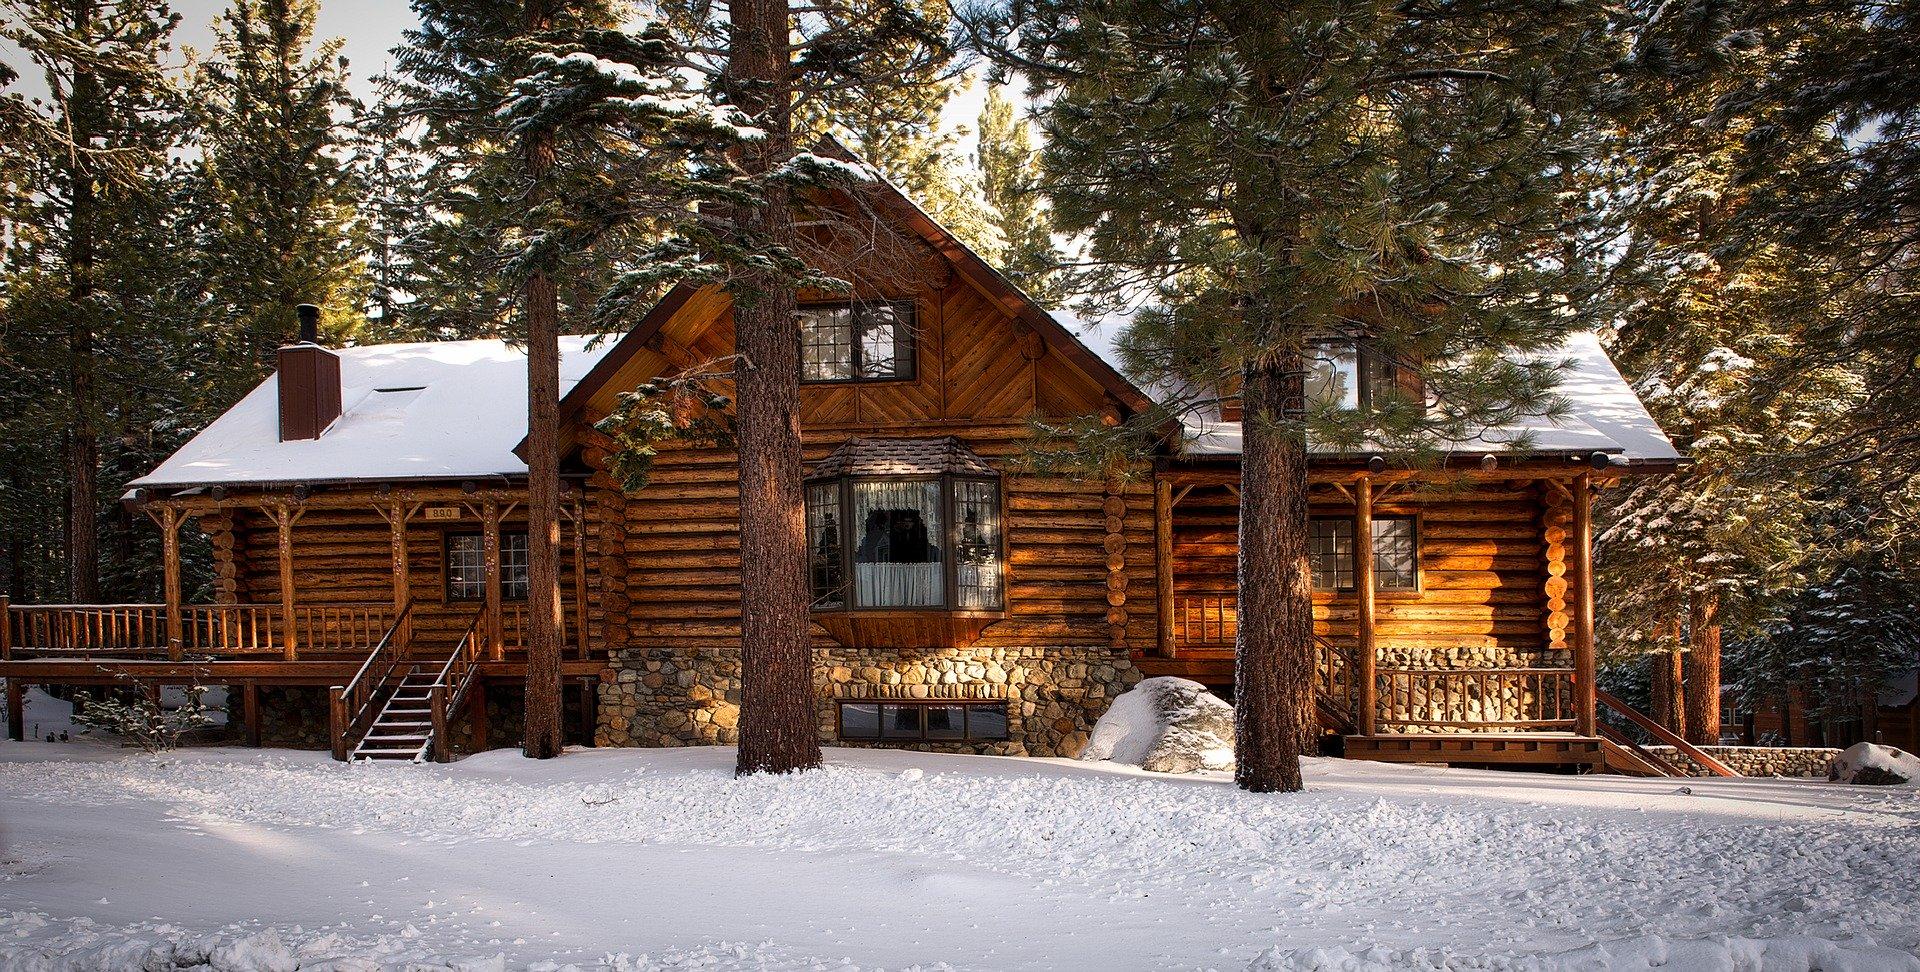 Chalet en bois écologique construit avec des rodins